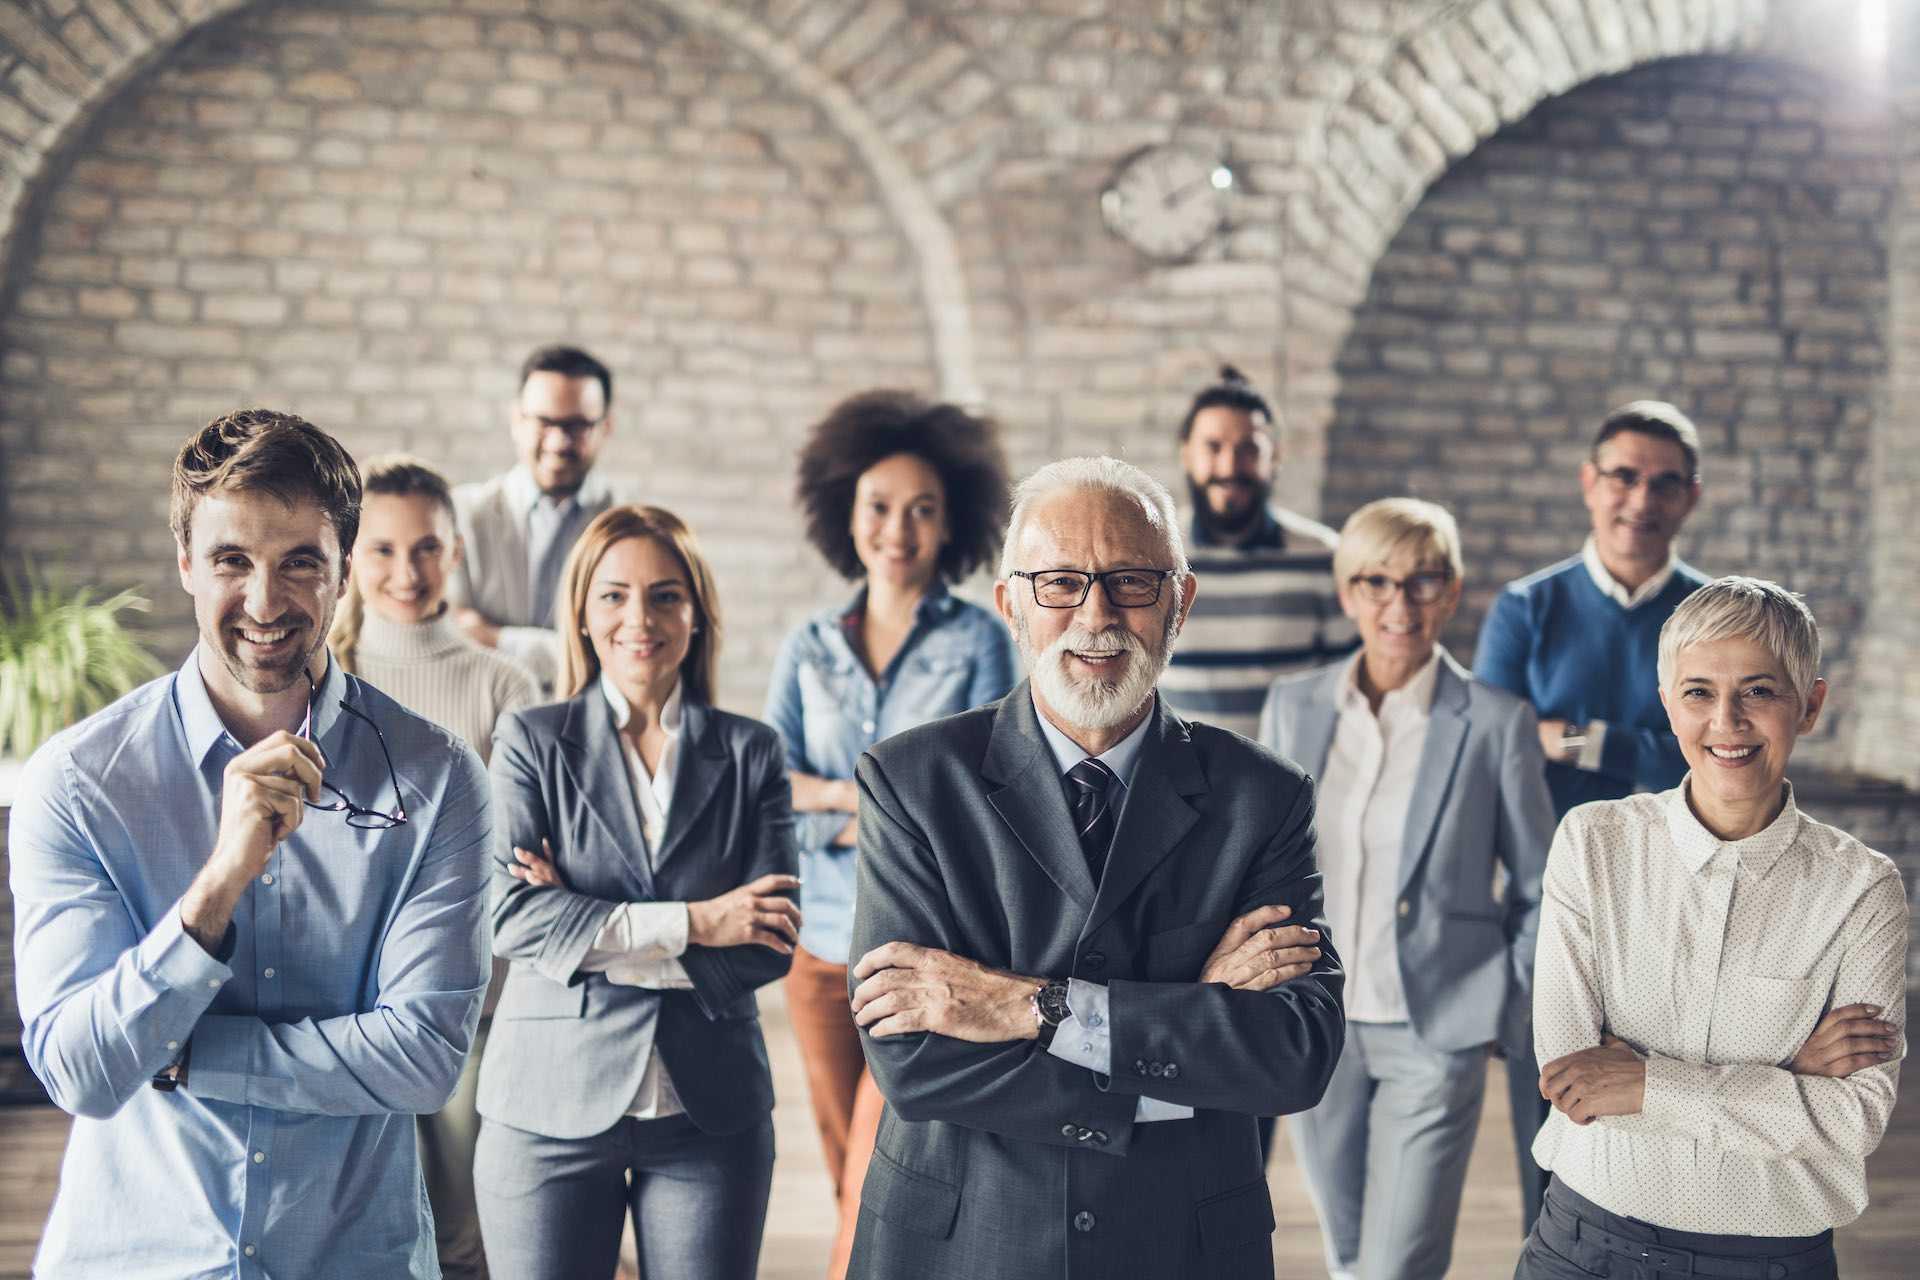 Unternehmer Unternehmerin Führungskräfte IVCG Geschäftsleute Führungskraft Christ Werte